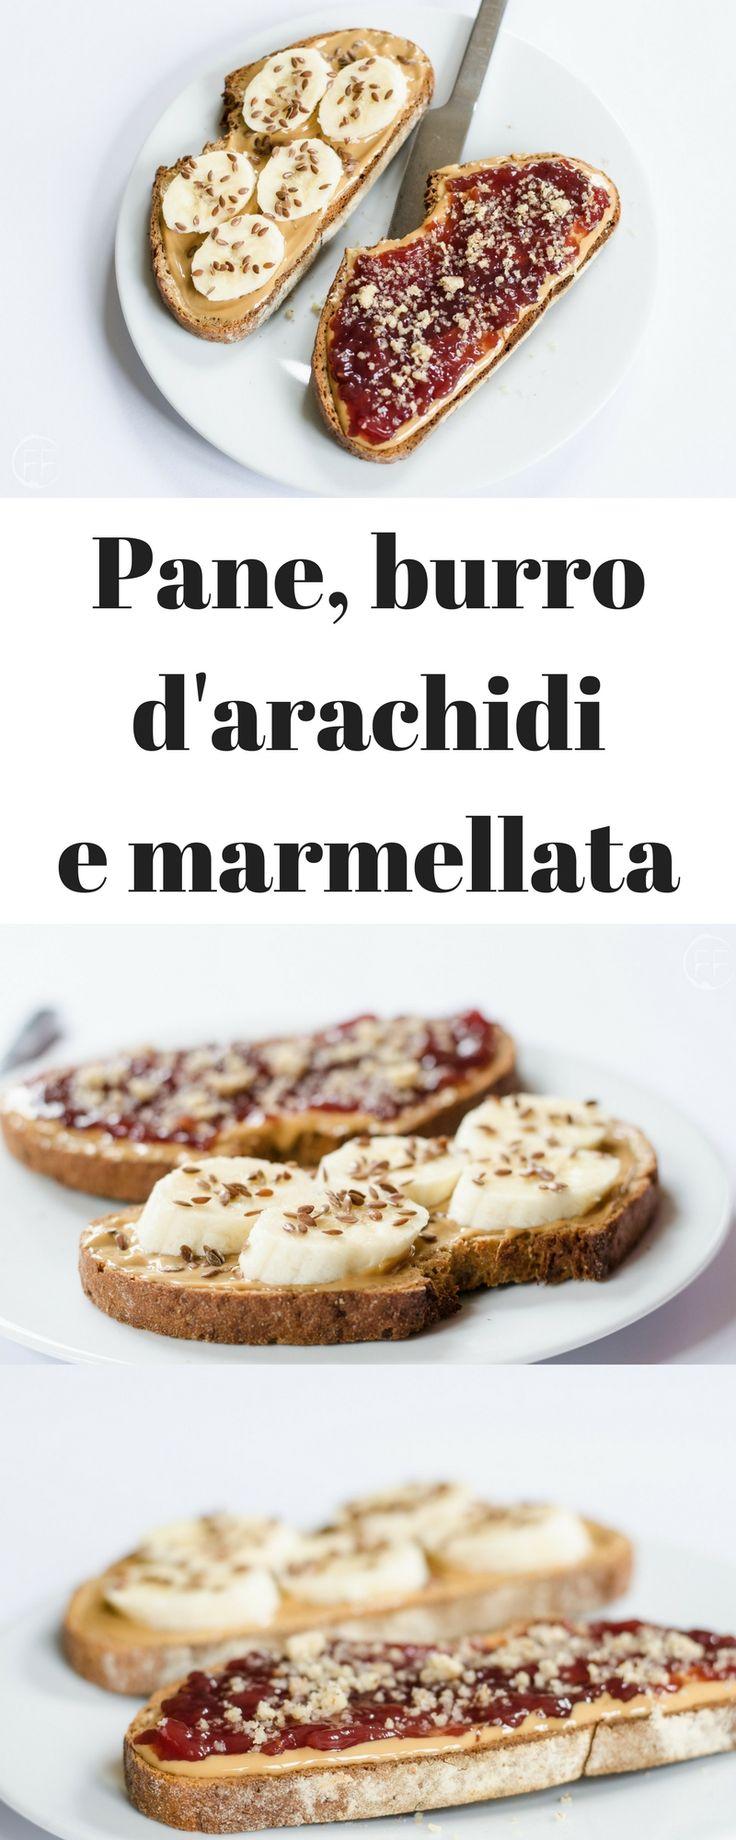 Pane, burro d'arachidi e marmellata.  Sul blog altre ricette vegan light, estive, dolci vegani, senza glutine, per la dieta, proteiche, vegetariane e vegane, veloci e facili in italiano.